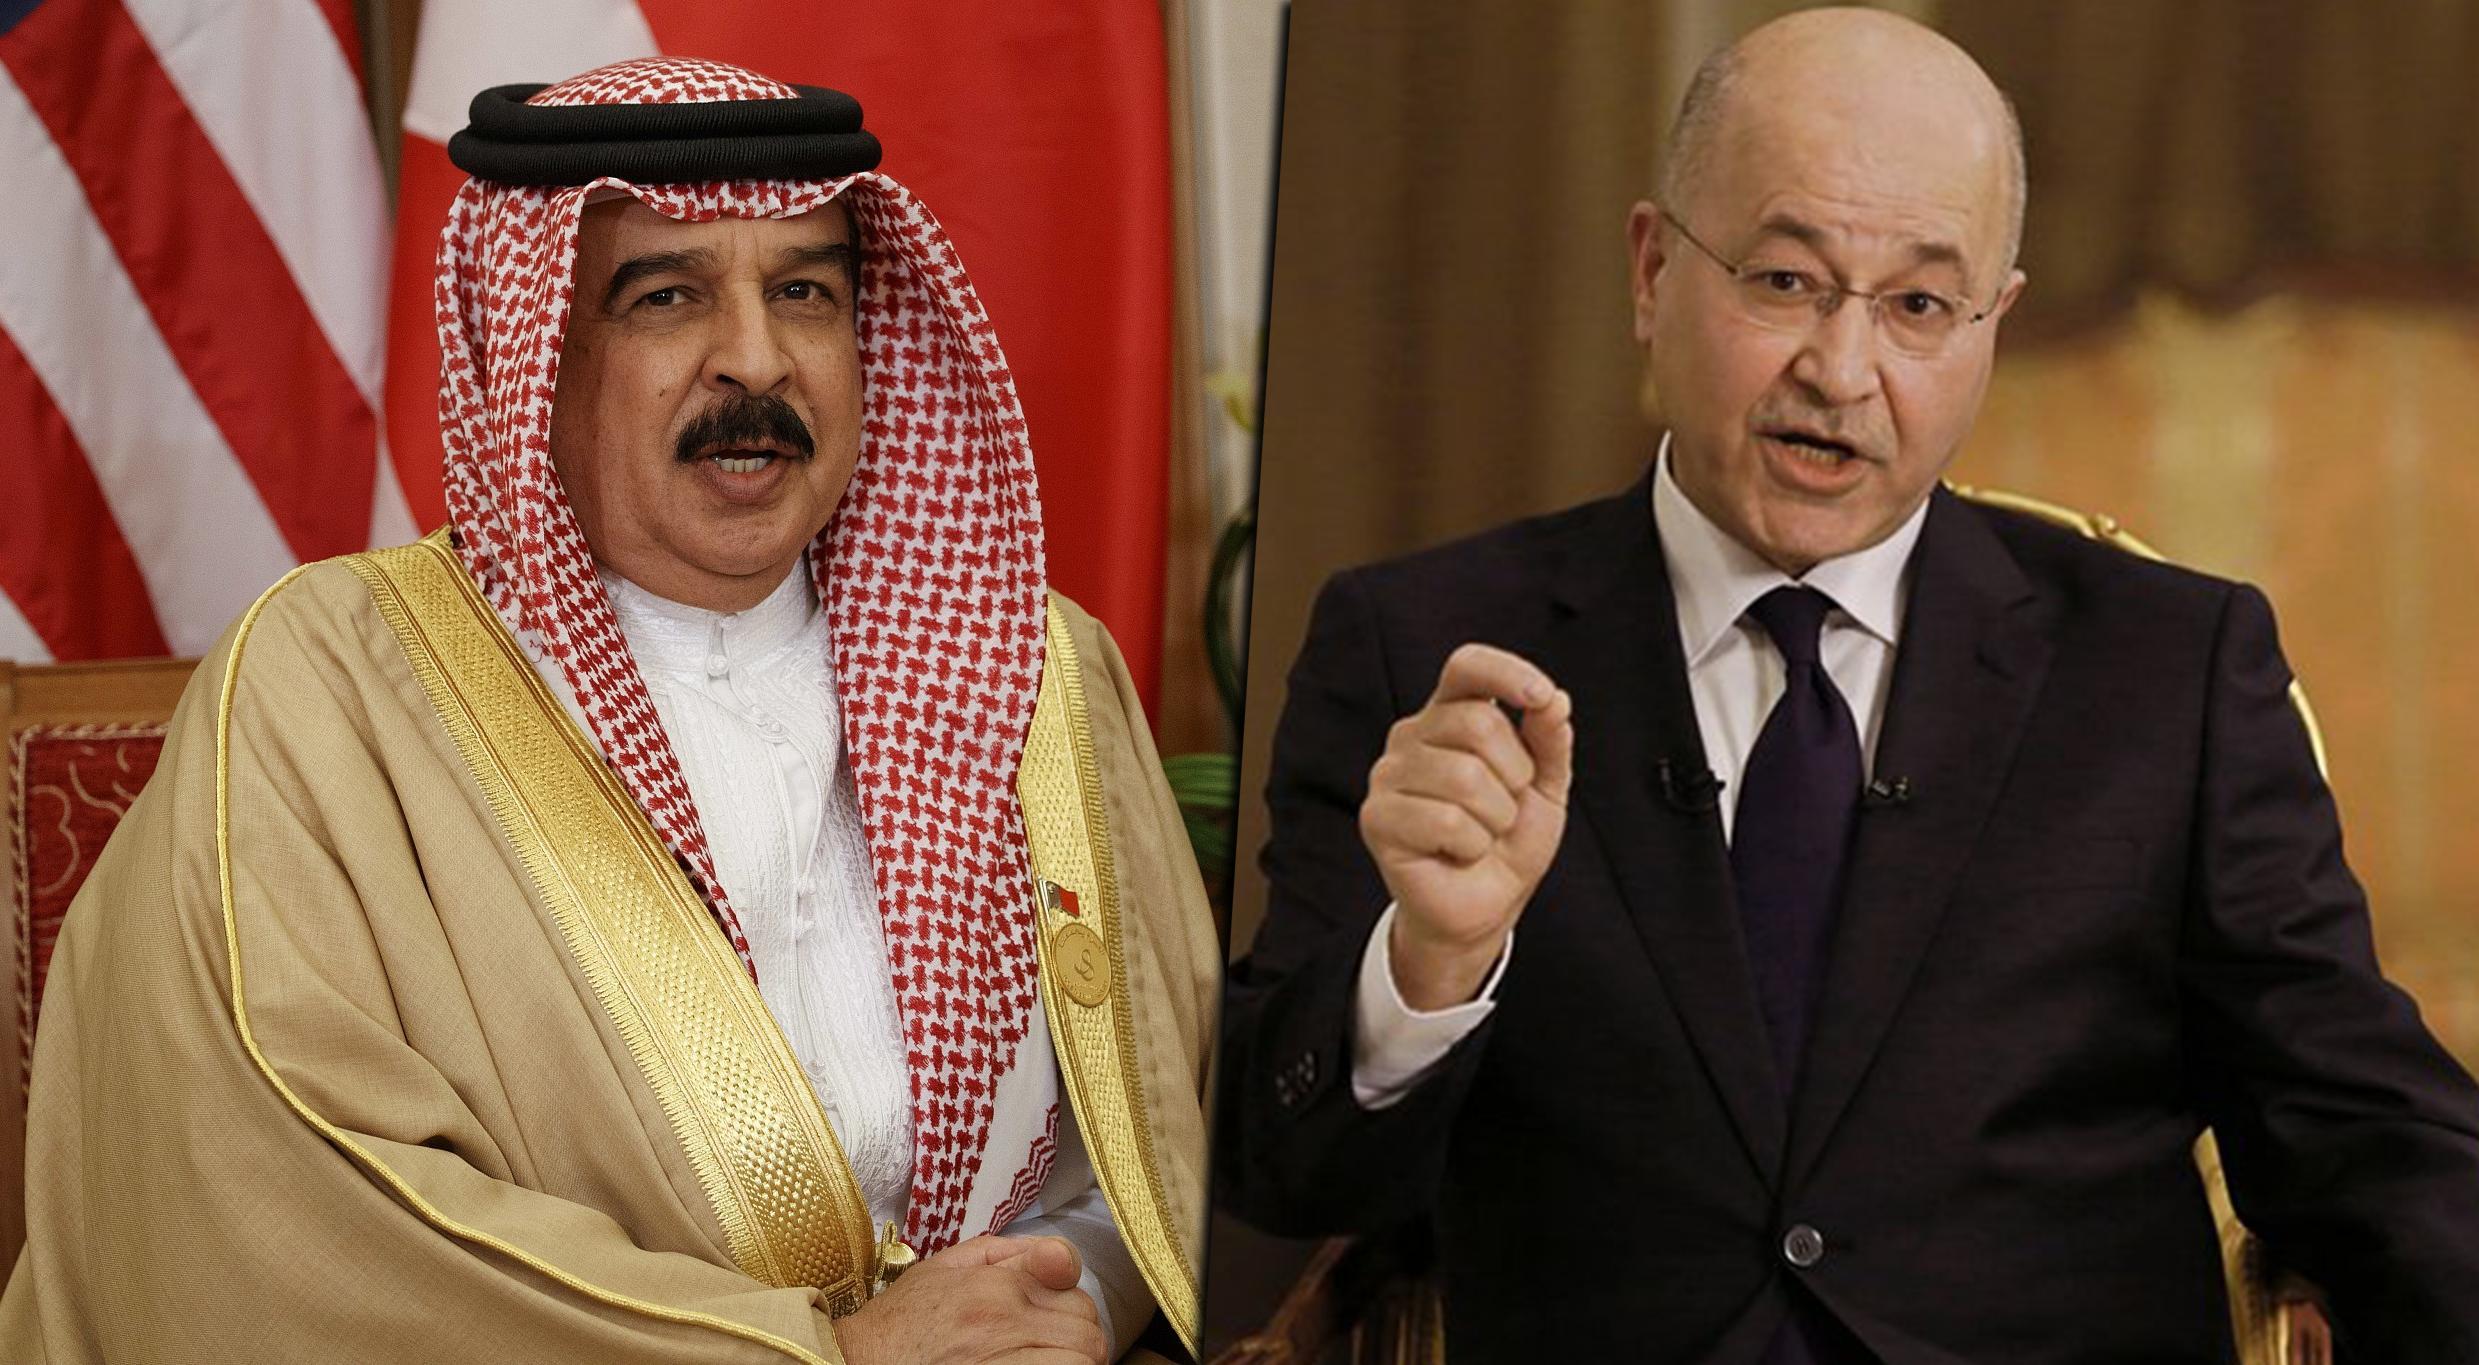 الرئيس العراقي برهم صالح والعاهل البحريني الملك حمد بن عيسى آل ثاني